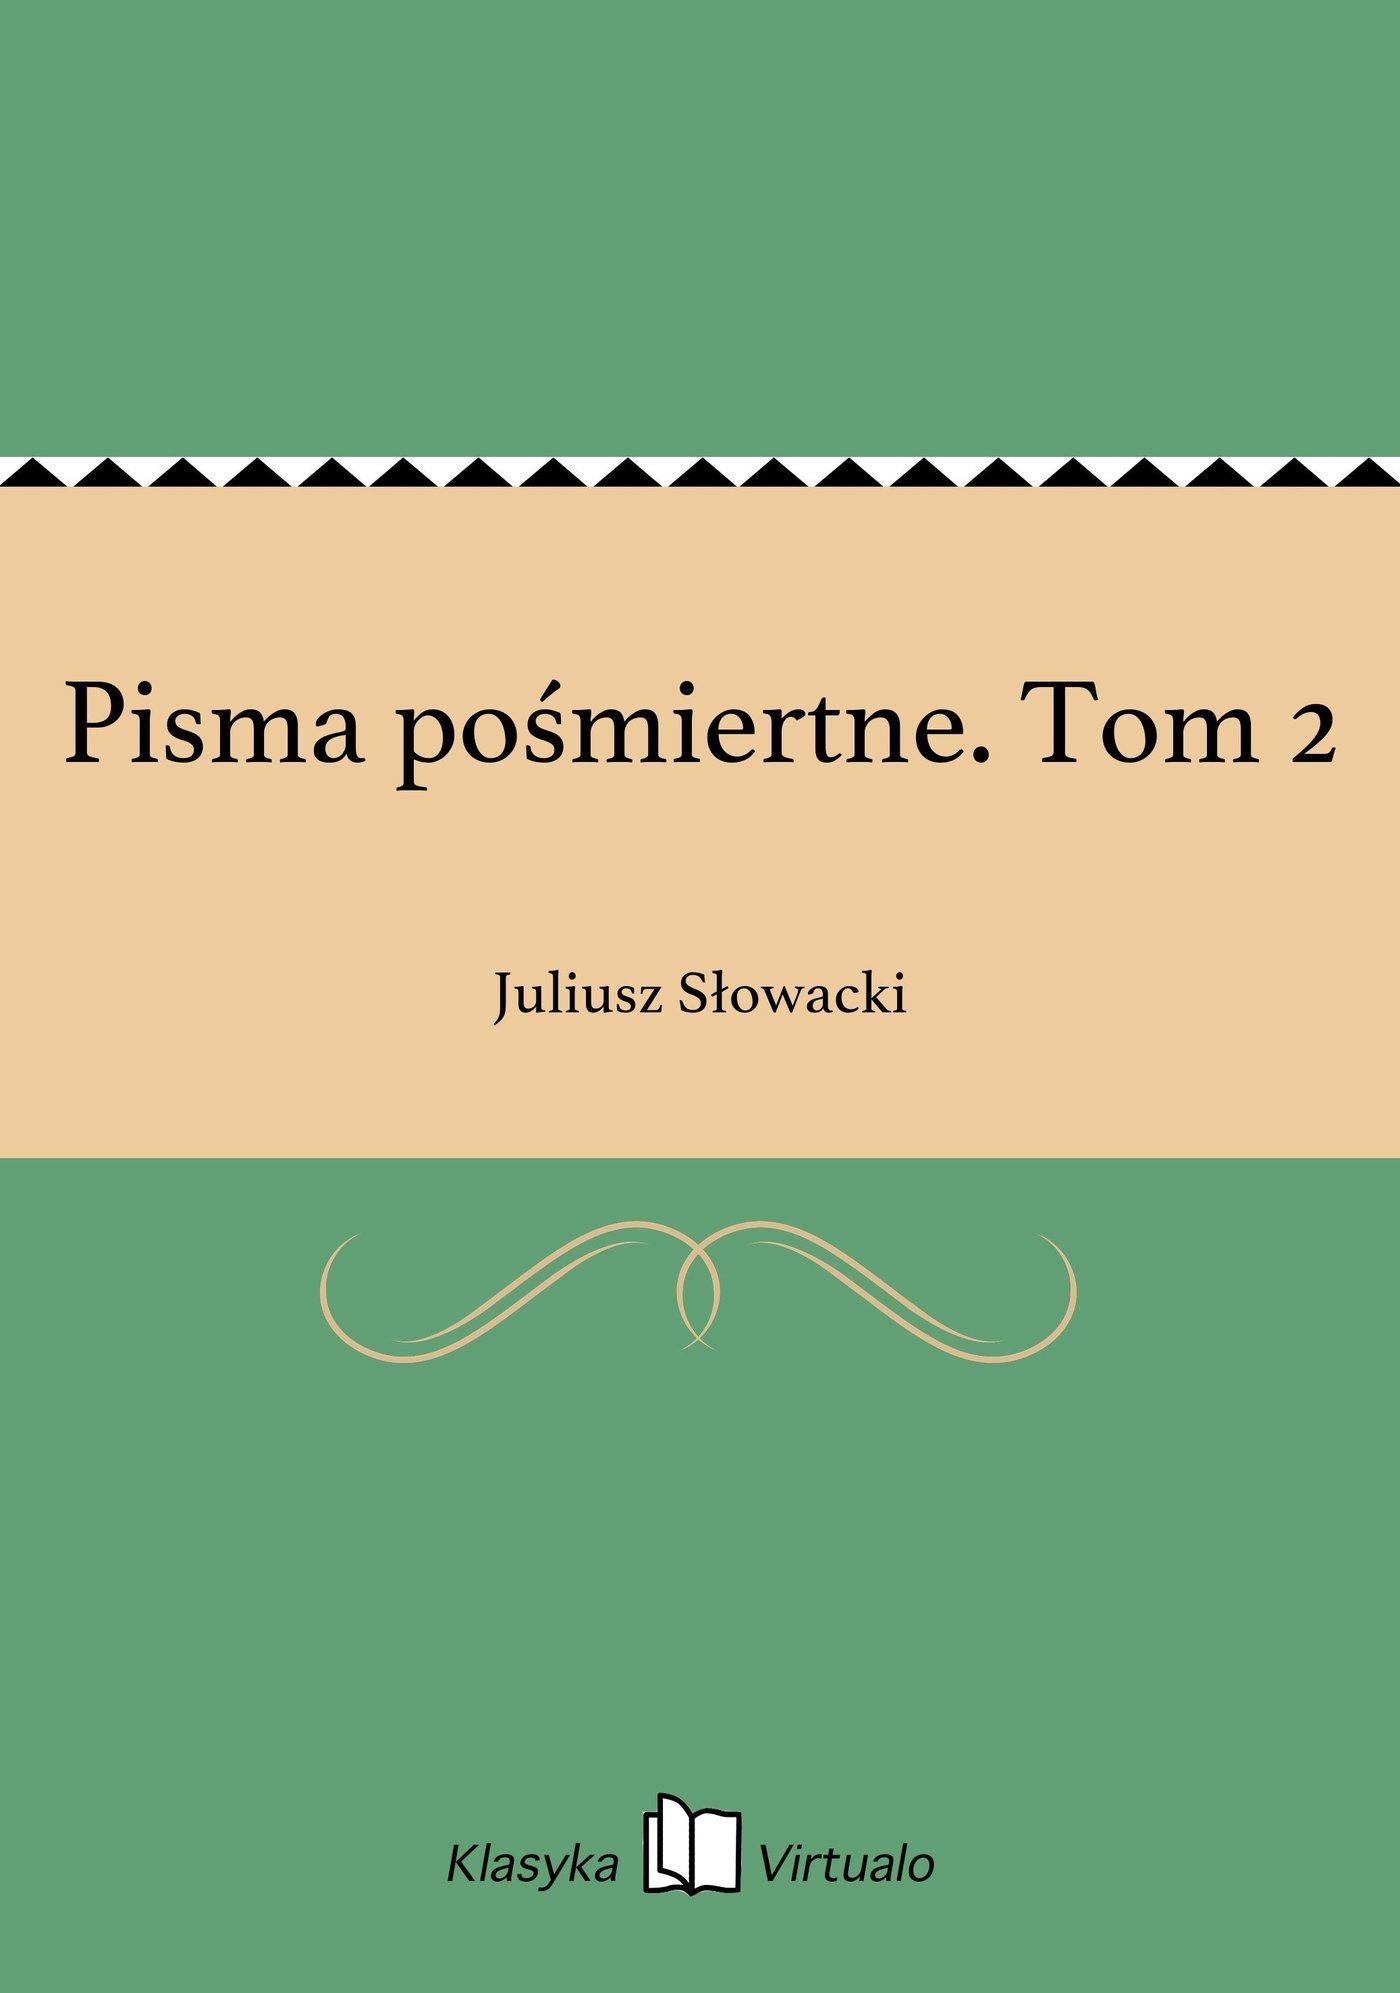 Pisma pośmiertne. Tom 2 - Ebook (Książka EPUB) do pobrania w formacie EPUB